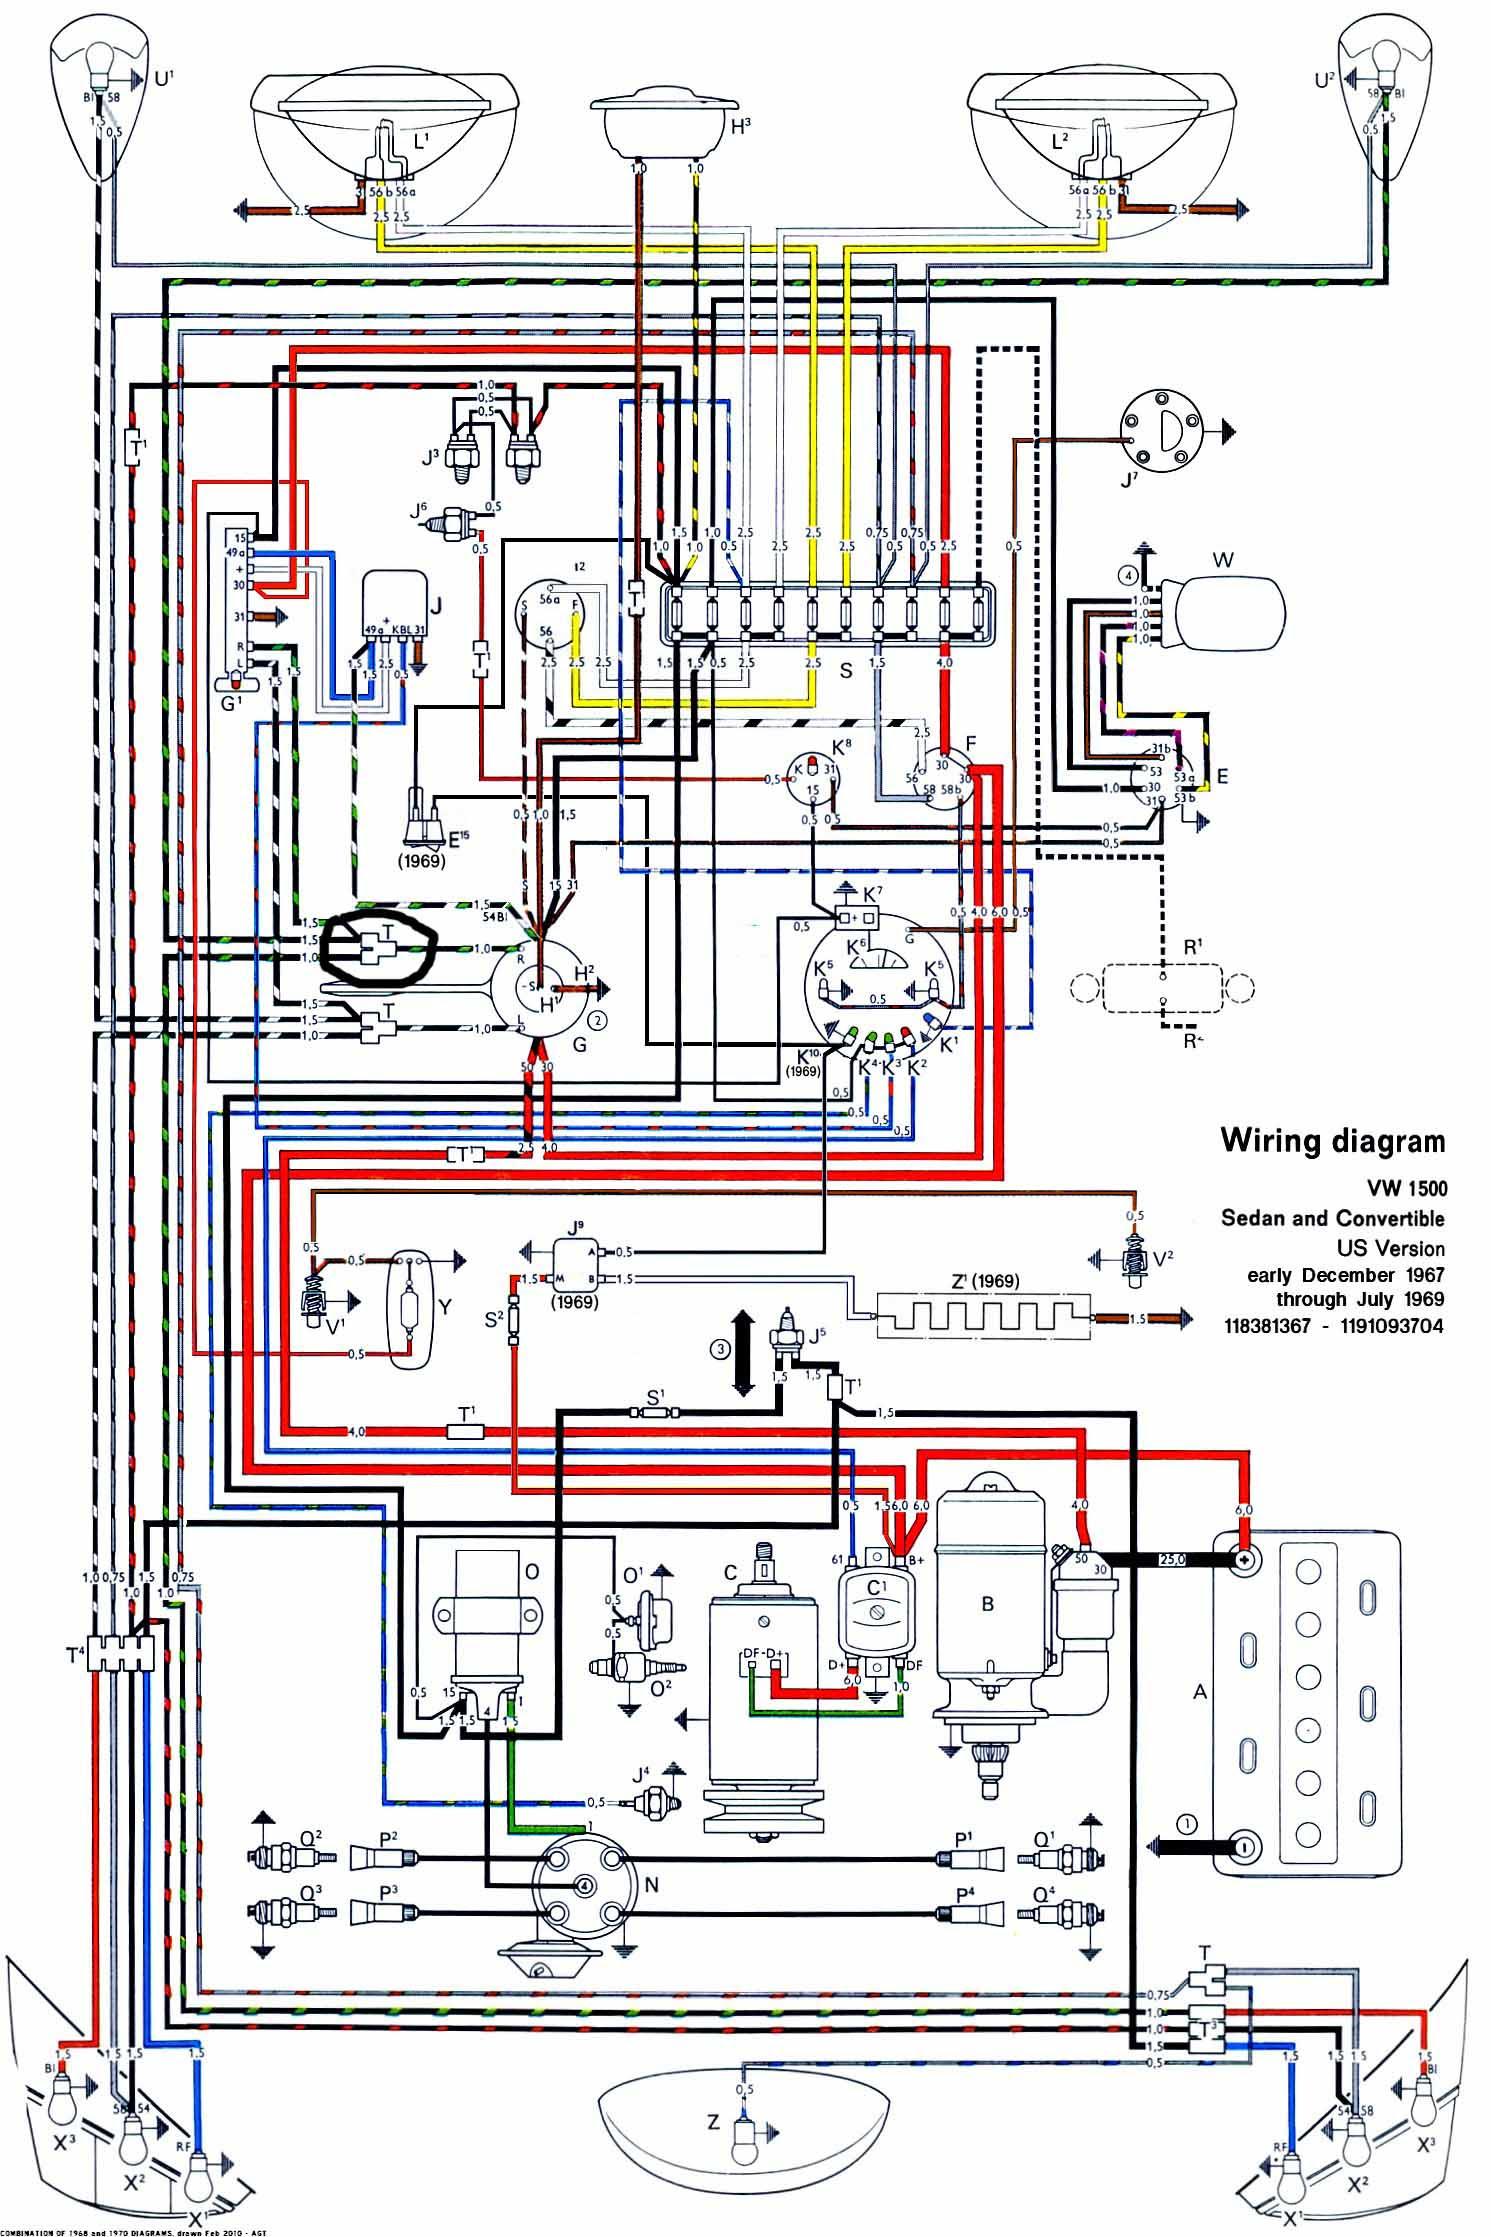 1969 Vw Bus Wiring Diagram Blower Fan Wiring Diagram For Light Basic Wiring Yenpancane Jeanjaures37 Fr